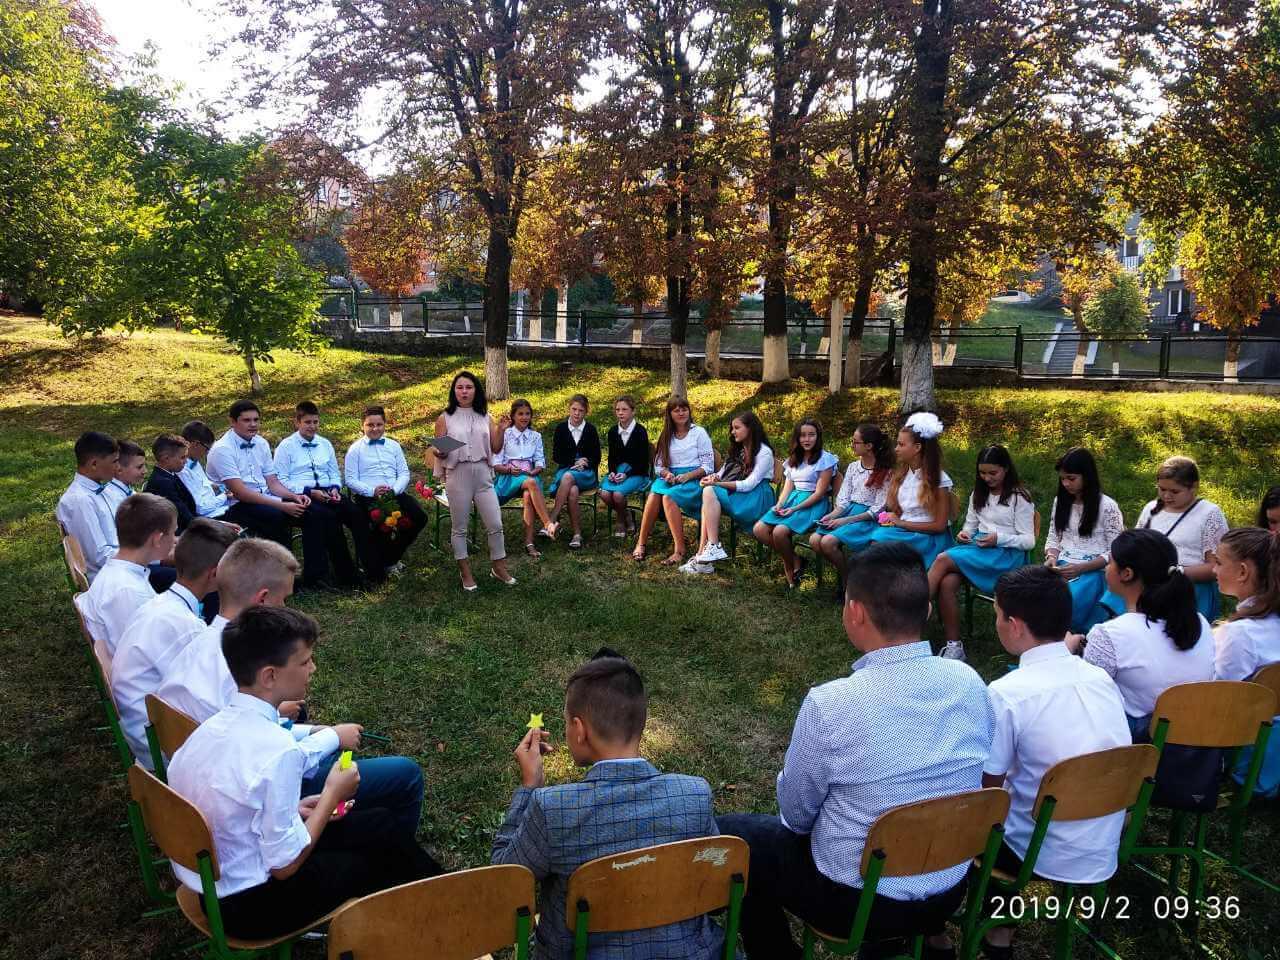 zobrazhennya viber 2019 09 03 00 00 28 - Щасливі діти твої, Україно, бо любимо і знаємо тебе